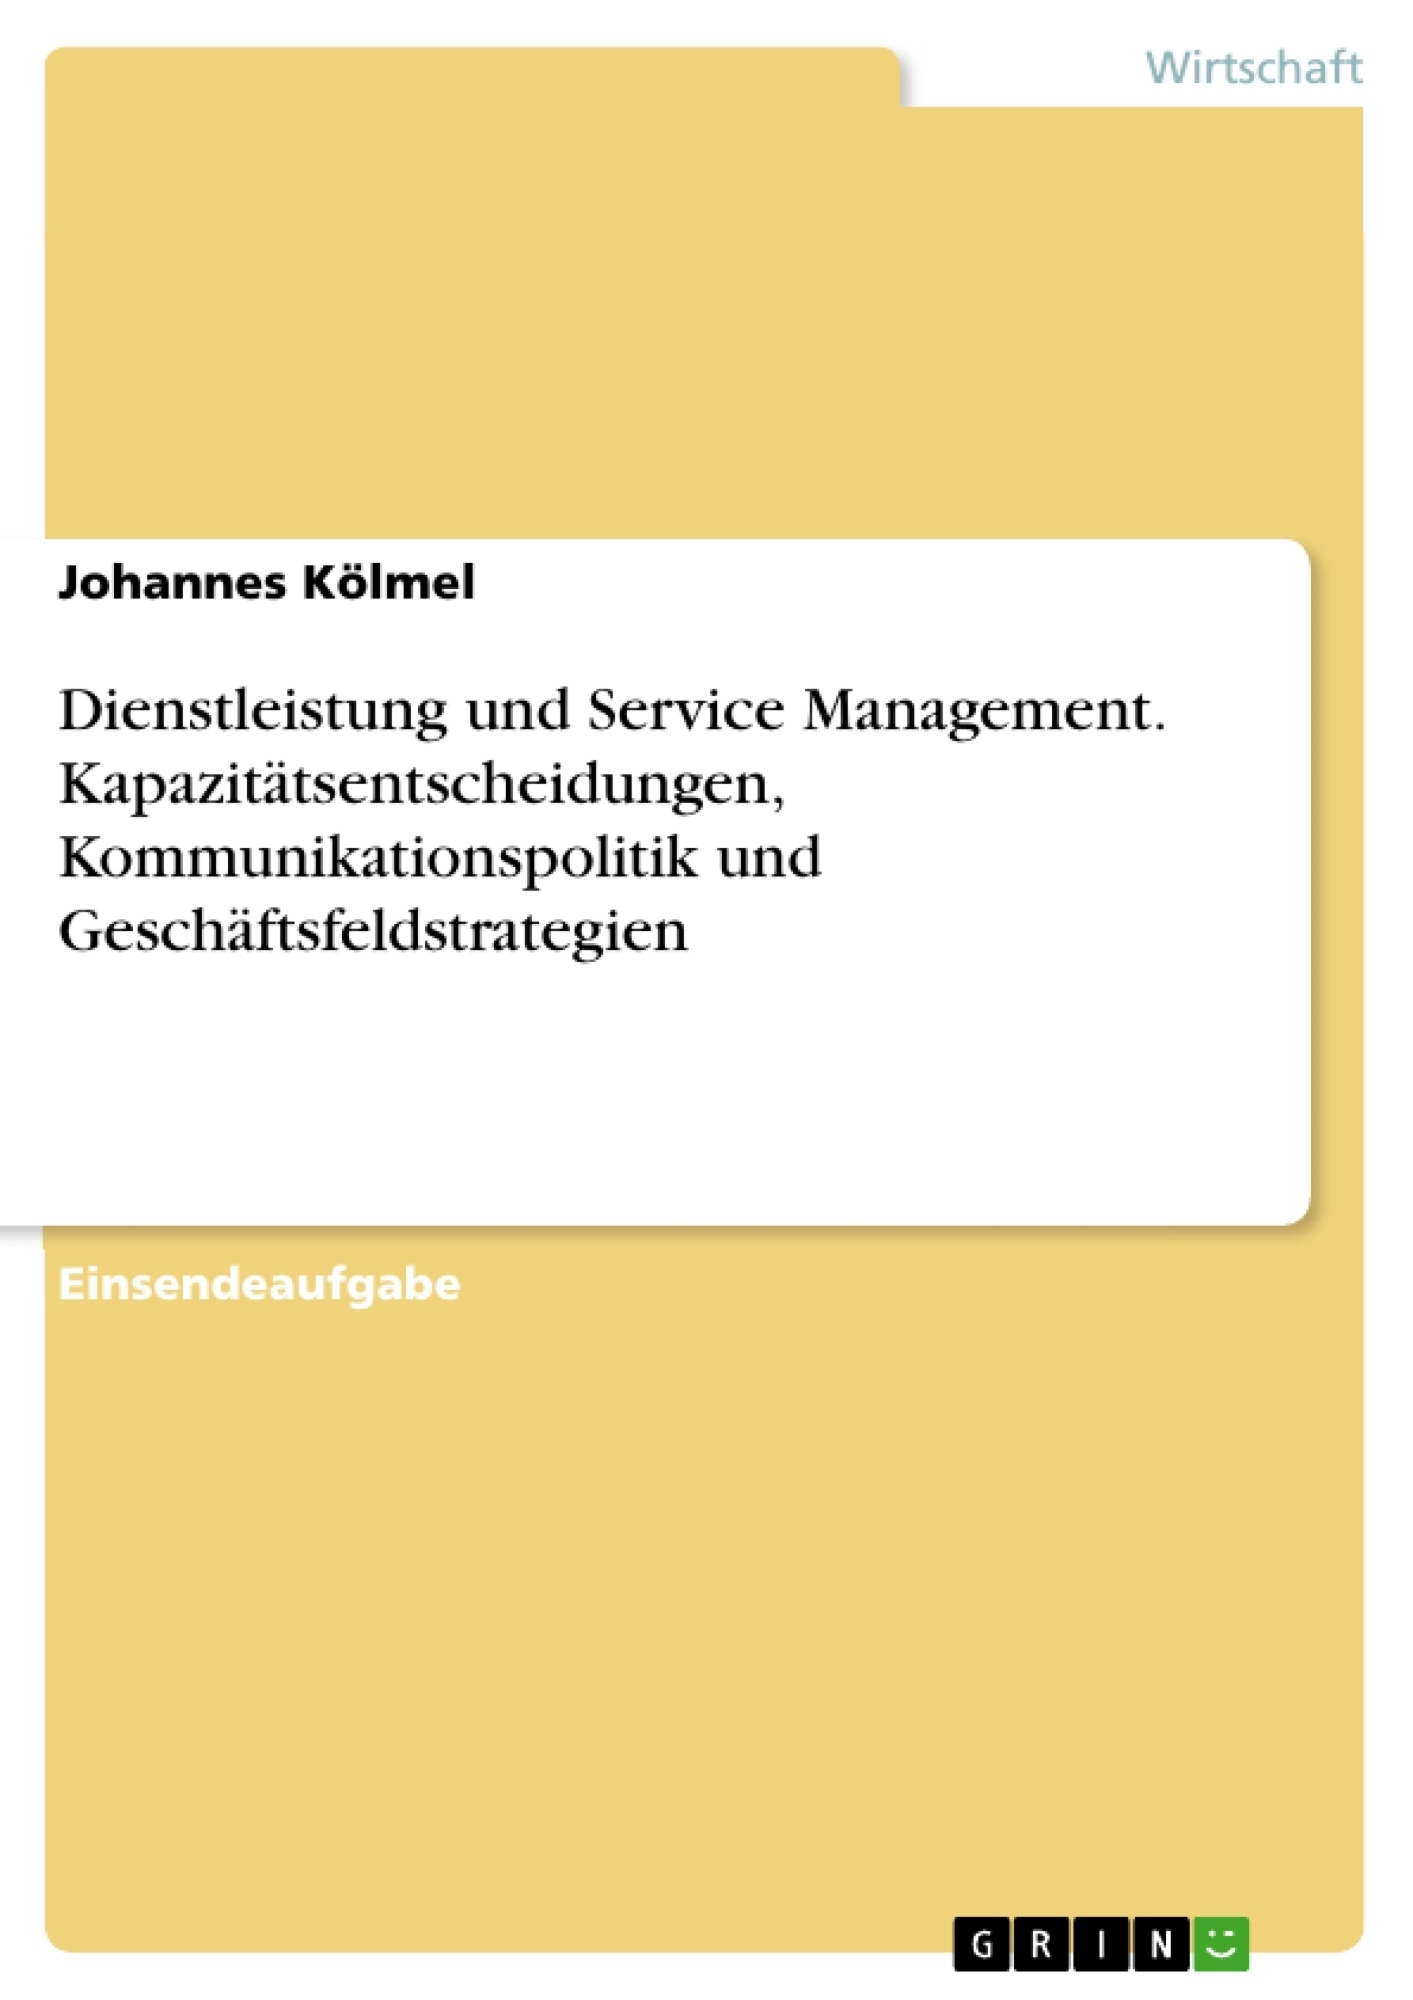 Titel: Dienstleistung und Service Management. Kapazitätsentscheidungen, Kommunikationspolitik und Geschäftsfeldstrategien